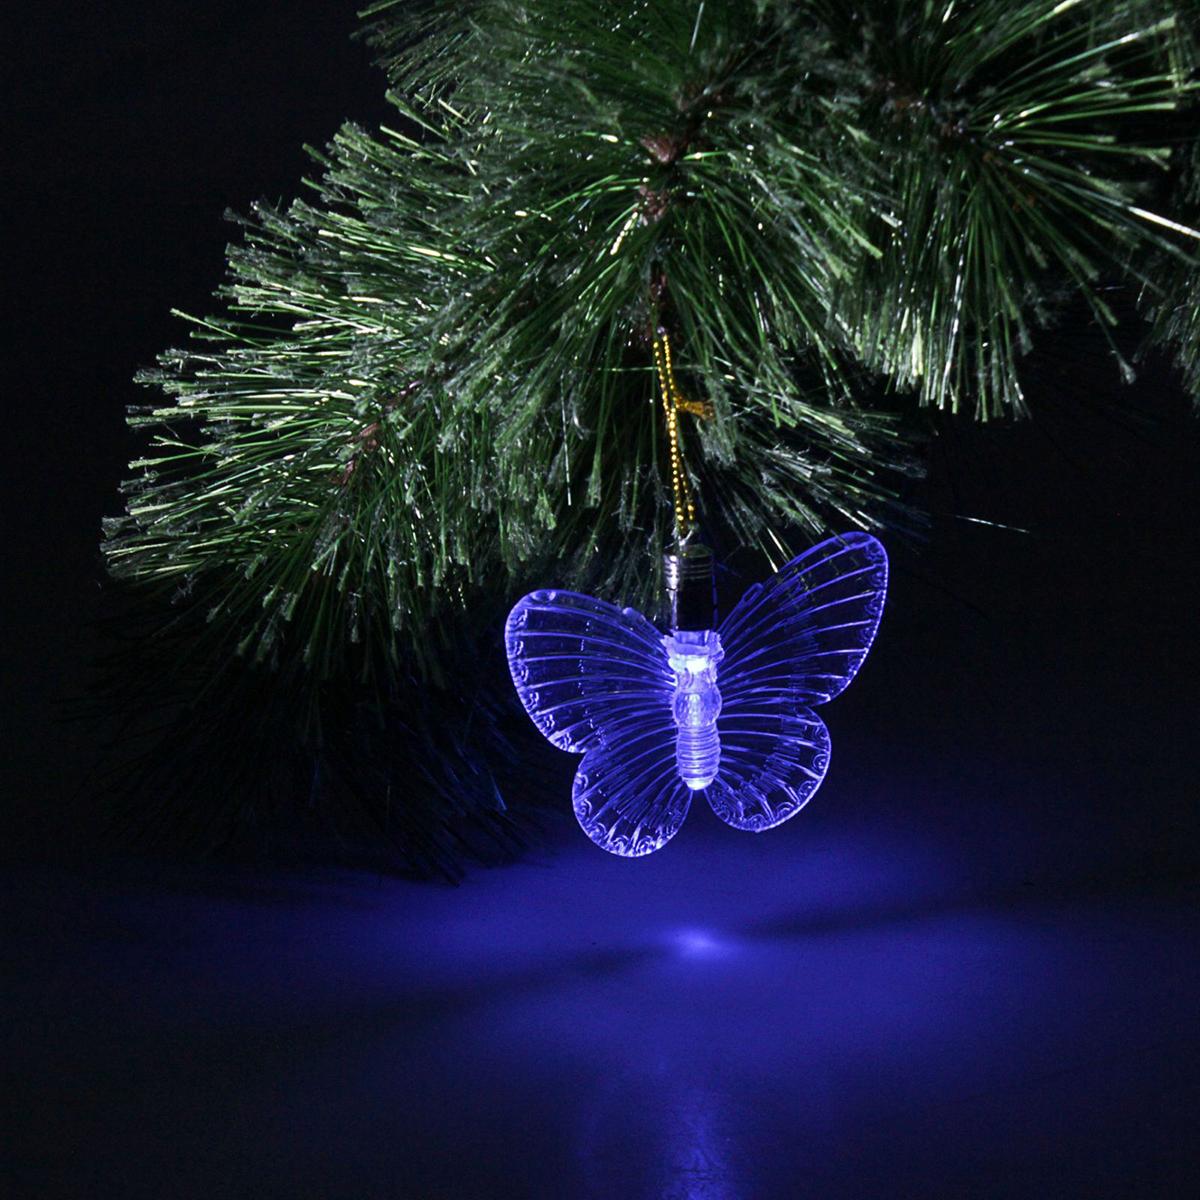 Украшение подвесное Luazon Бабочка, с подсветкой704846Маленькая, но яркая подвеска-бабочка нежно светится в темноте, добавляяубранству комнаты таинственности и уюта. Оригинальная форма позволяетиспользовать ее и в качестве новогоднего украшения для праздничной елки вдекабре, и как дополнительный источник света круглый год. Удобное крепление- петелька позволяет размещать такое украшение где угодно! Подвеска-бабочкасияет и меняет цвет, она станет достойным акцентом в интерьере вашей спальниили необычным ночником в детской. Батарейки: 3 штуки в комплекте, тип батареек: LR-41.